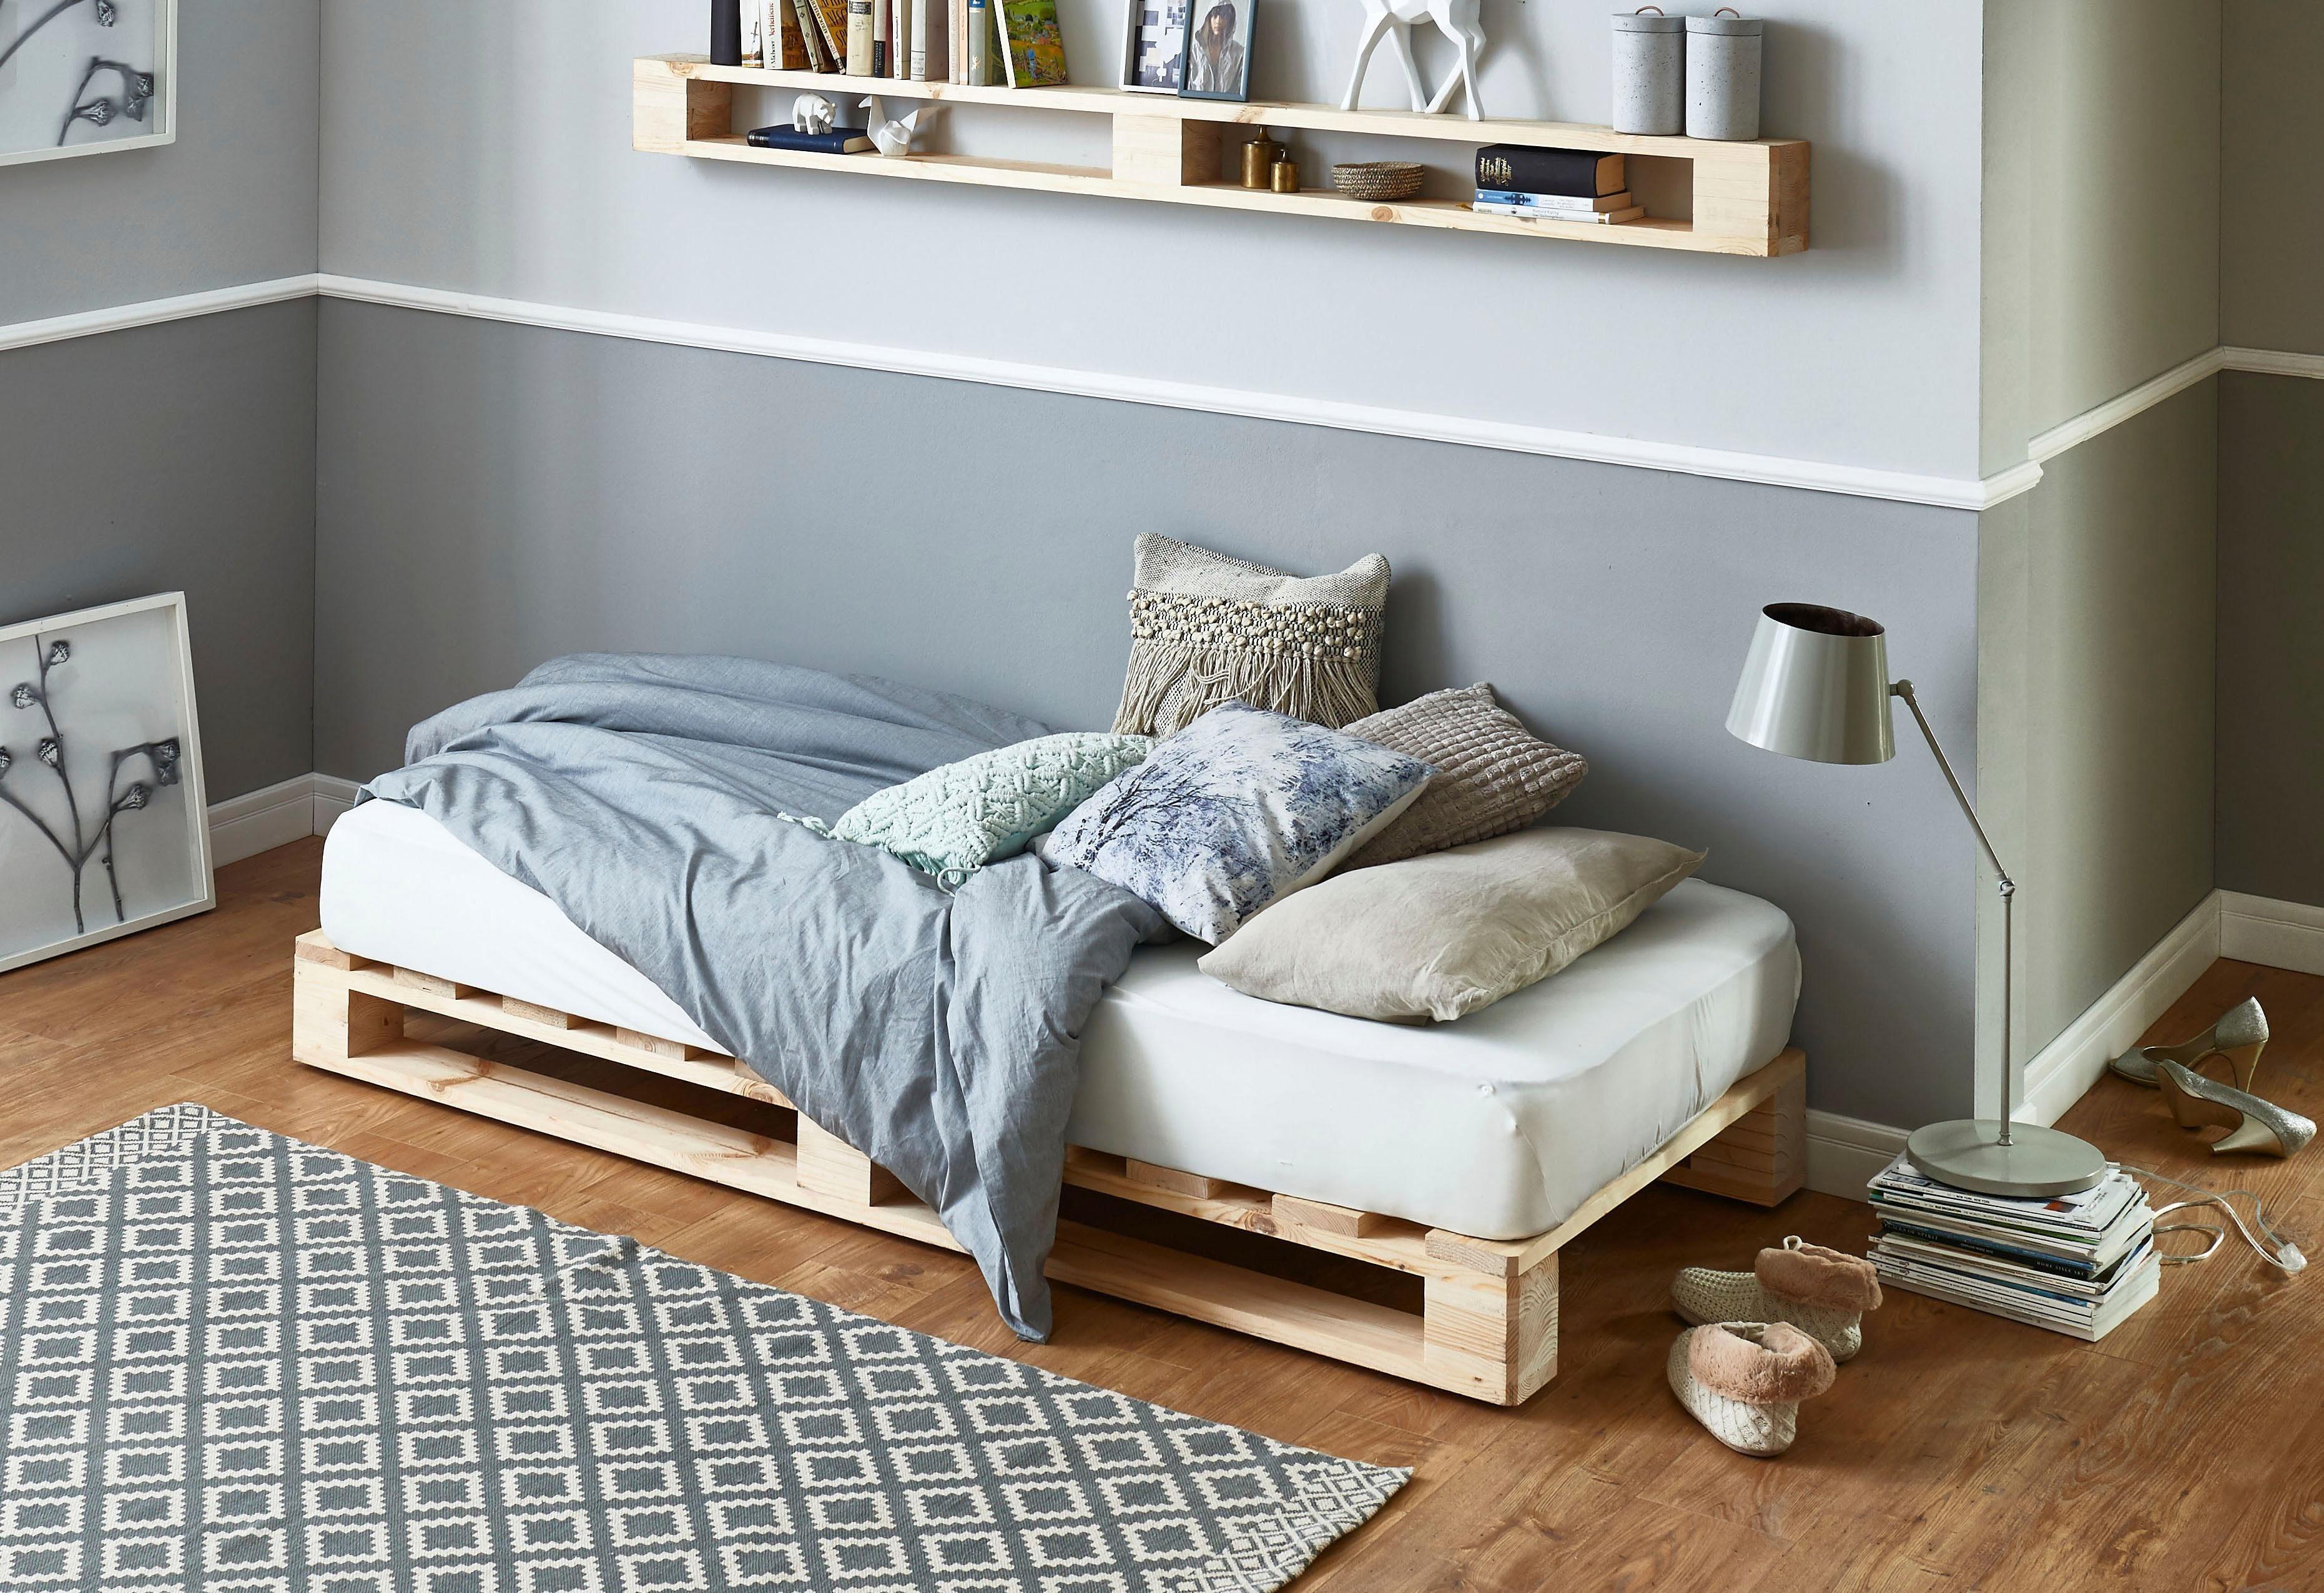 Atlantic Home Collection Palettenbett aus massiver Fichte, wahlweise mit Matratze